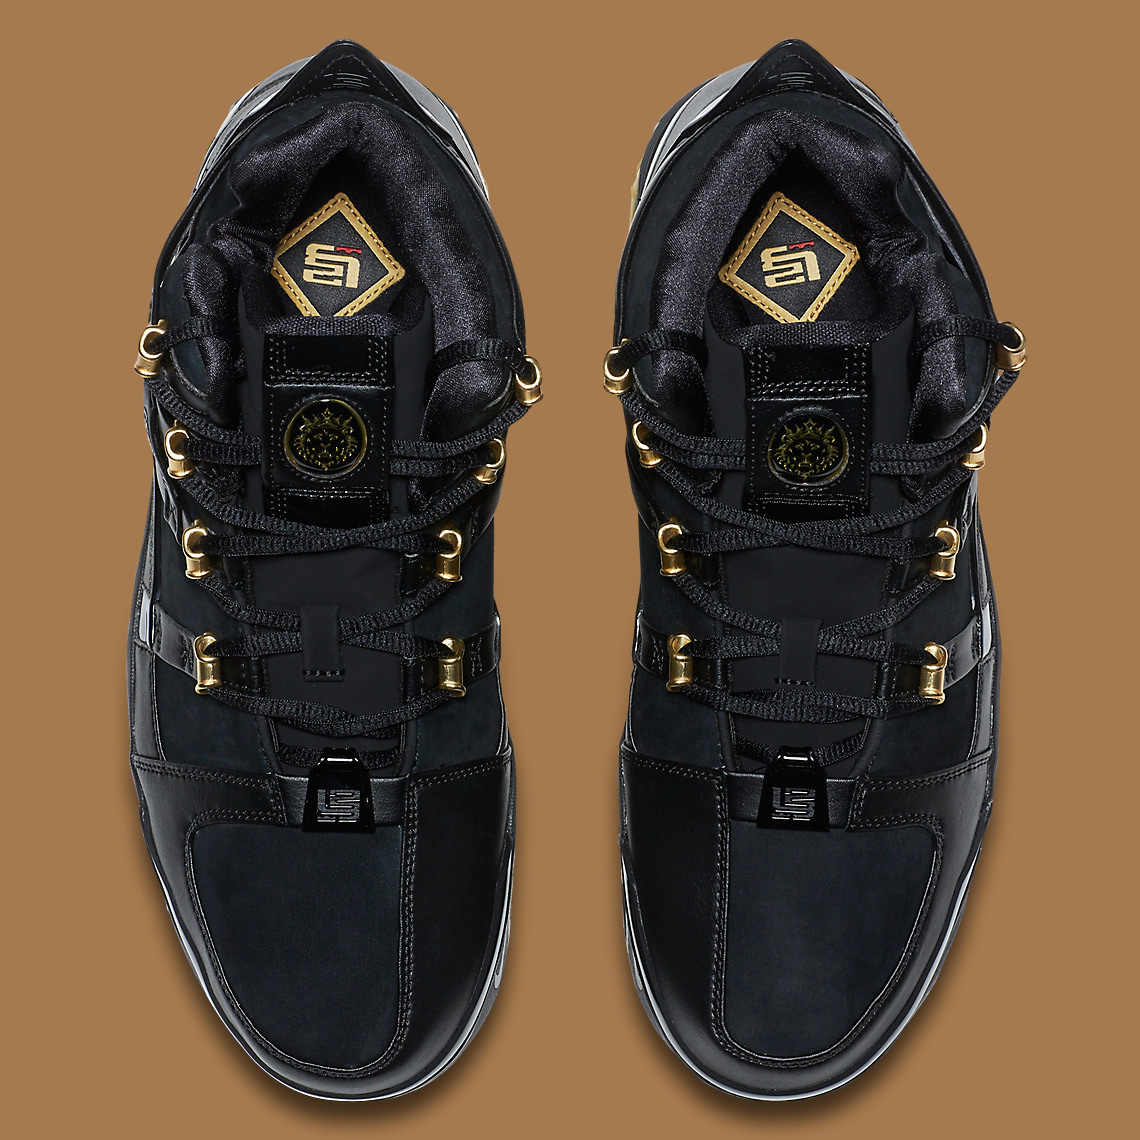 Nike LeBron 3 Black/Gold OG Lands Next